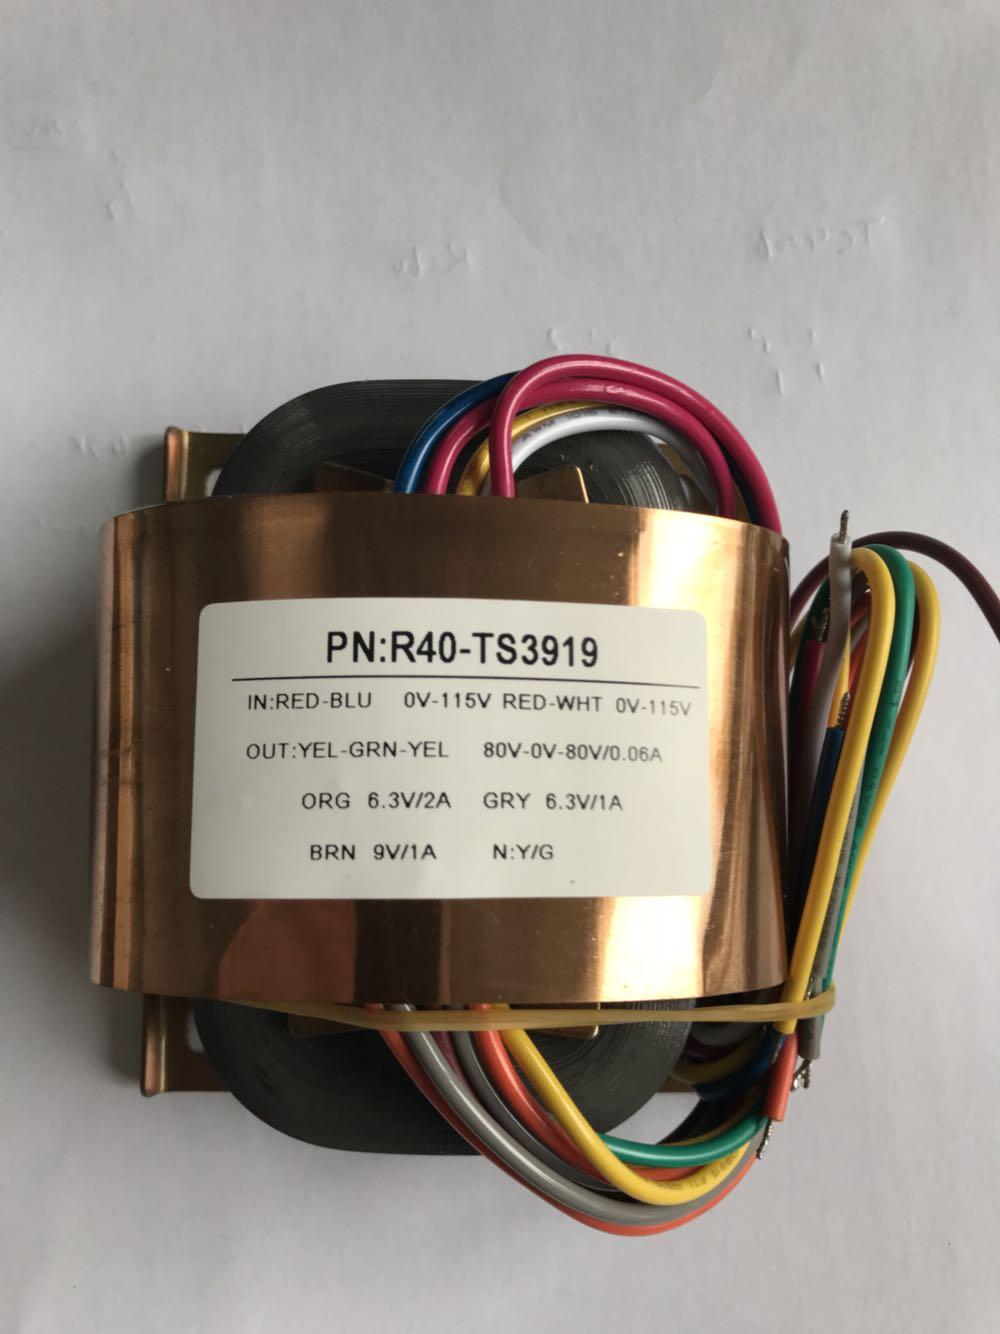 цена на 80V-0-80V 60mA 6.3V 2A 6.3V 1A 9V 1A R Core Transformer 50VA R40 custom transformer 115V/115V copper shield Power amplifier